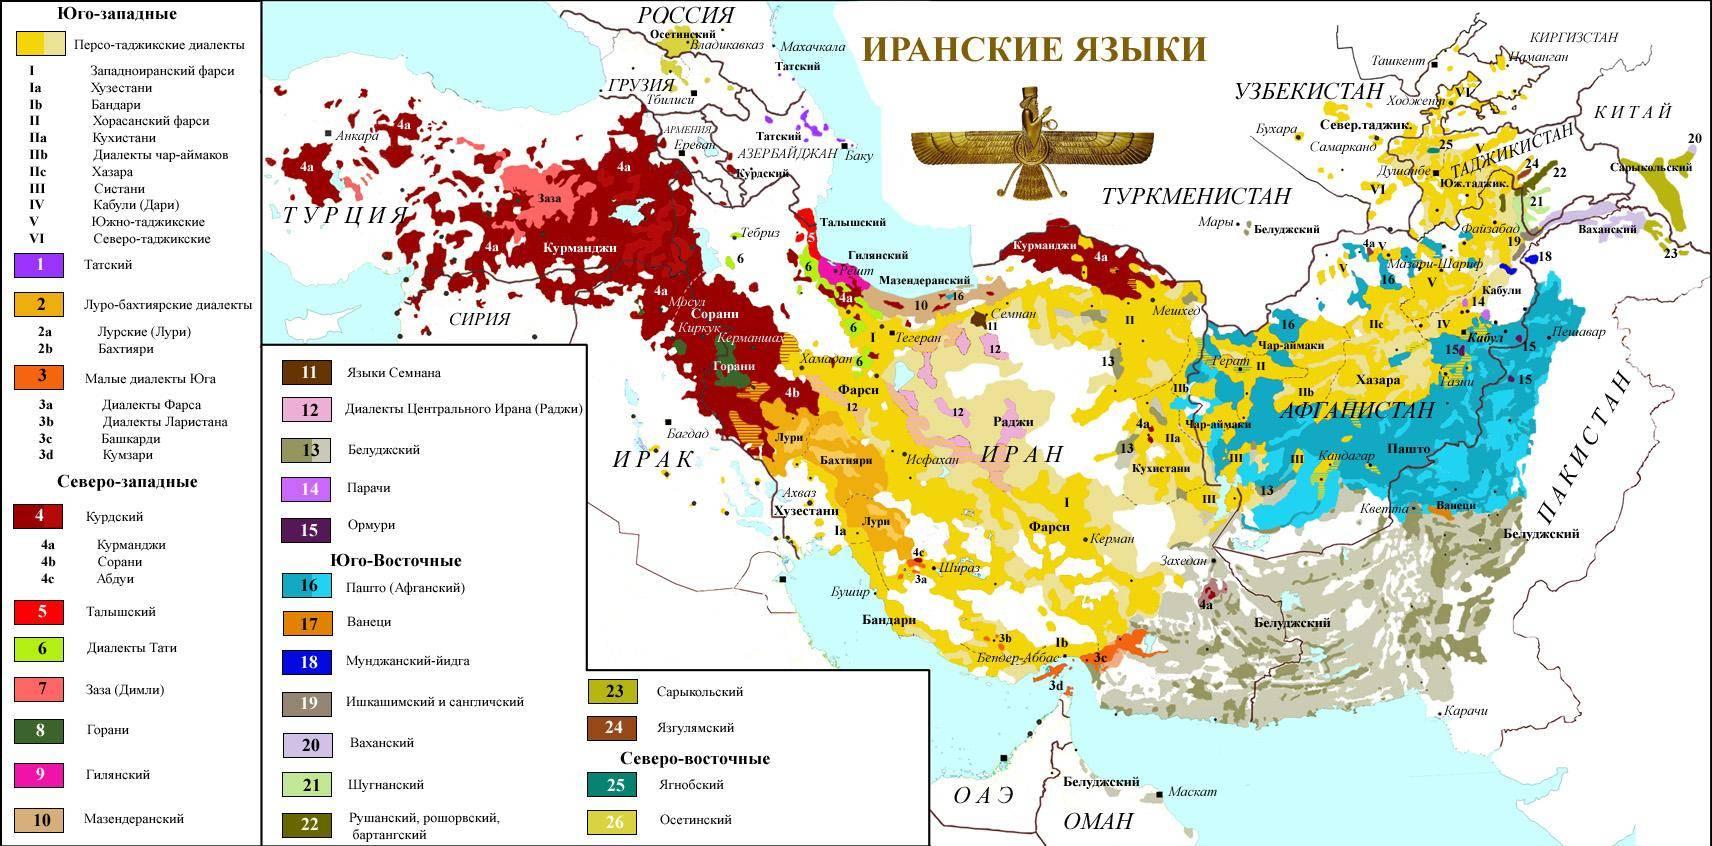 Турецкий язык — википедия. что такое турецкий язык